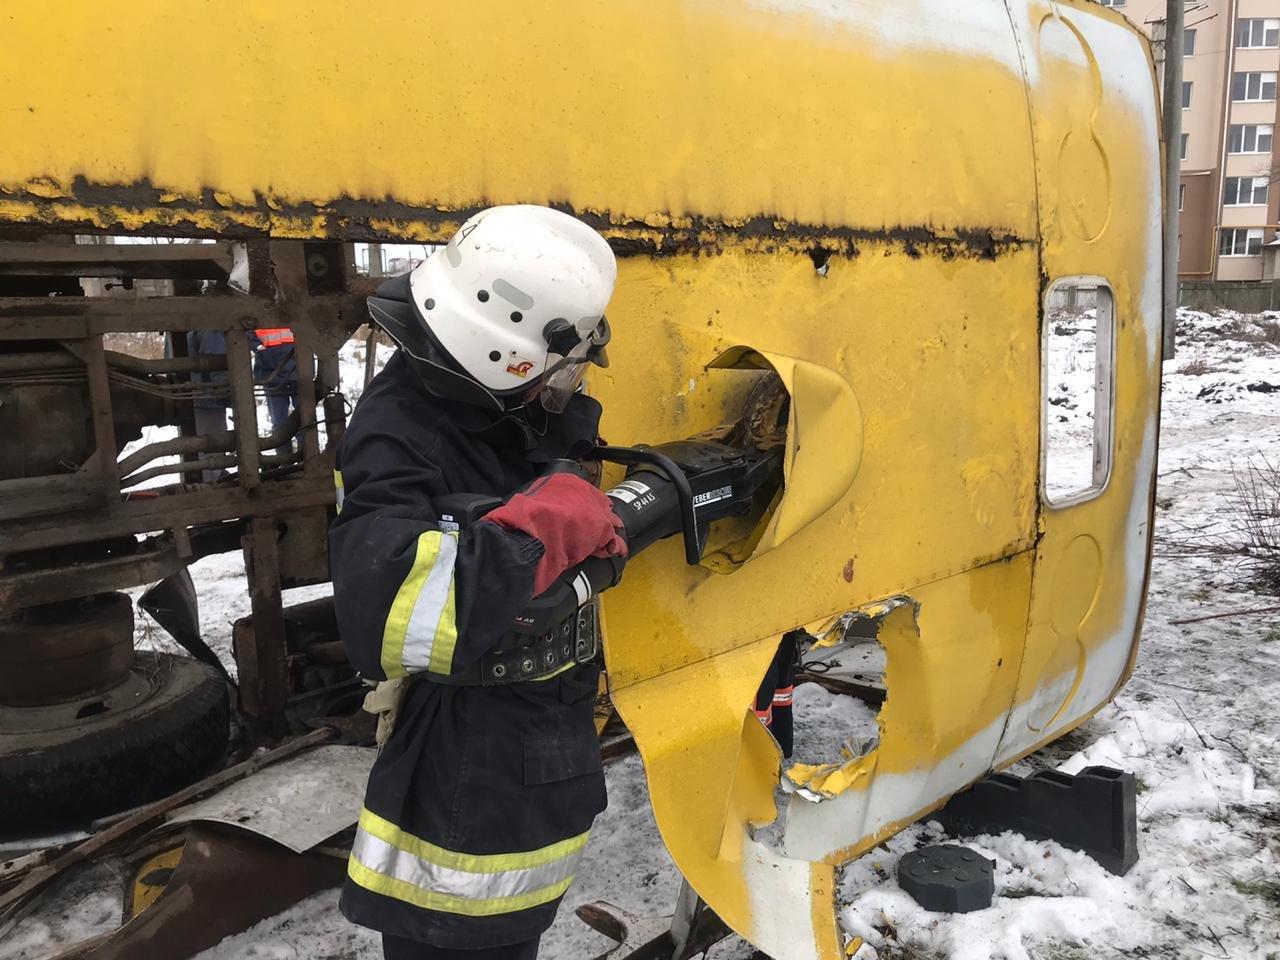 Франківські надзвичайники вчилися рятувати людей з палаючого автобуса (ФОТО), фото-1